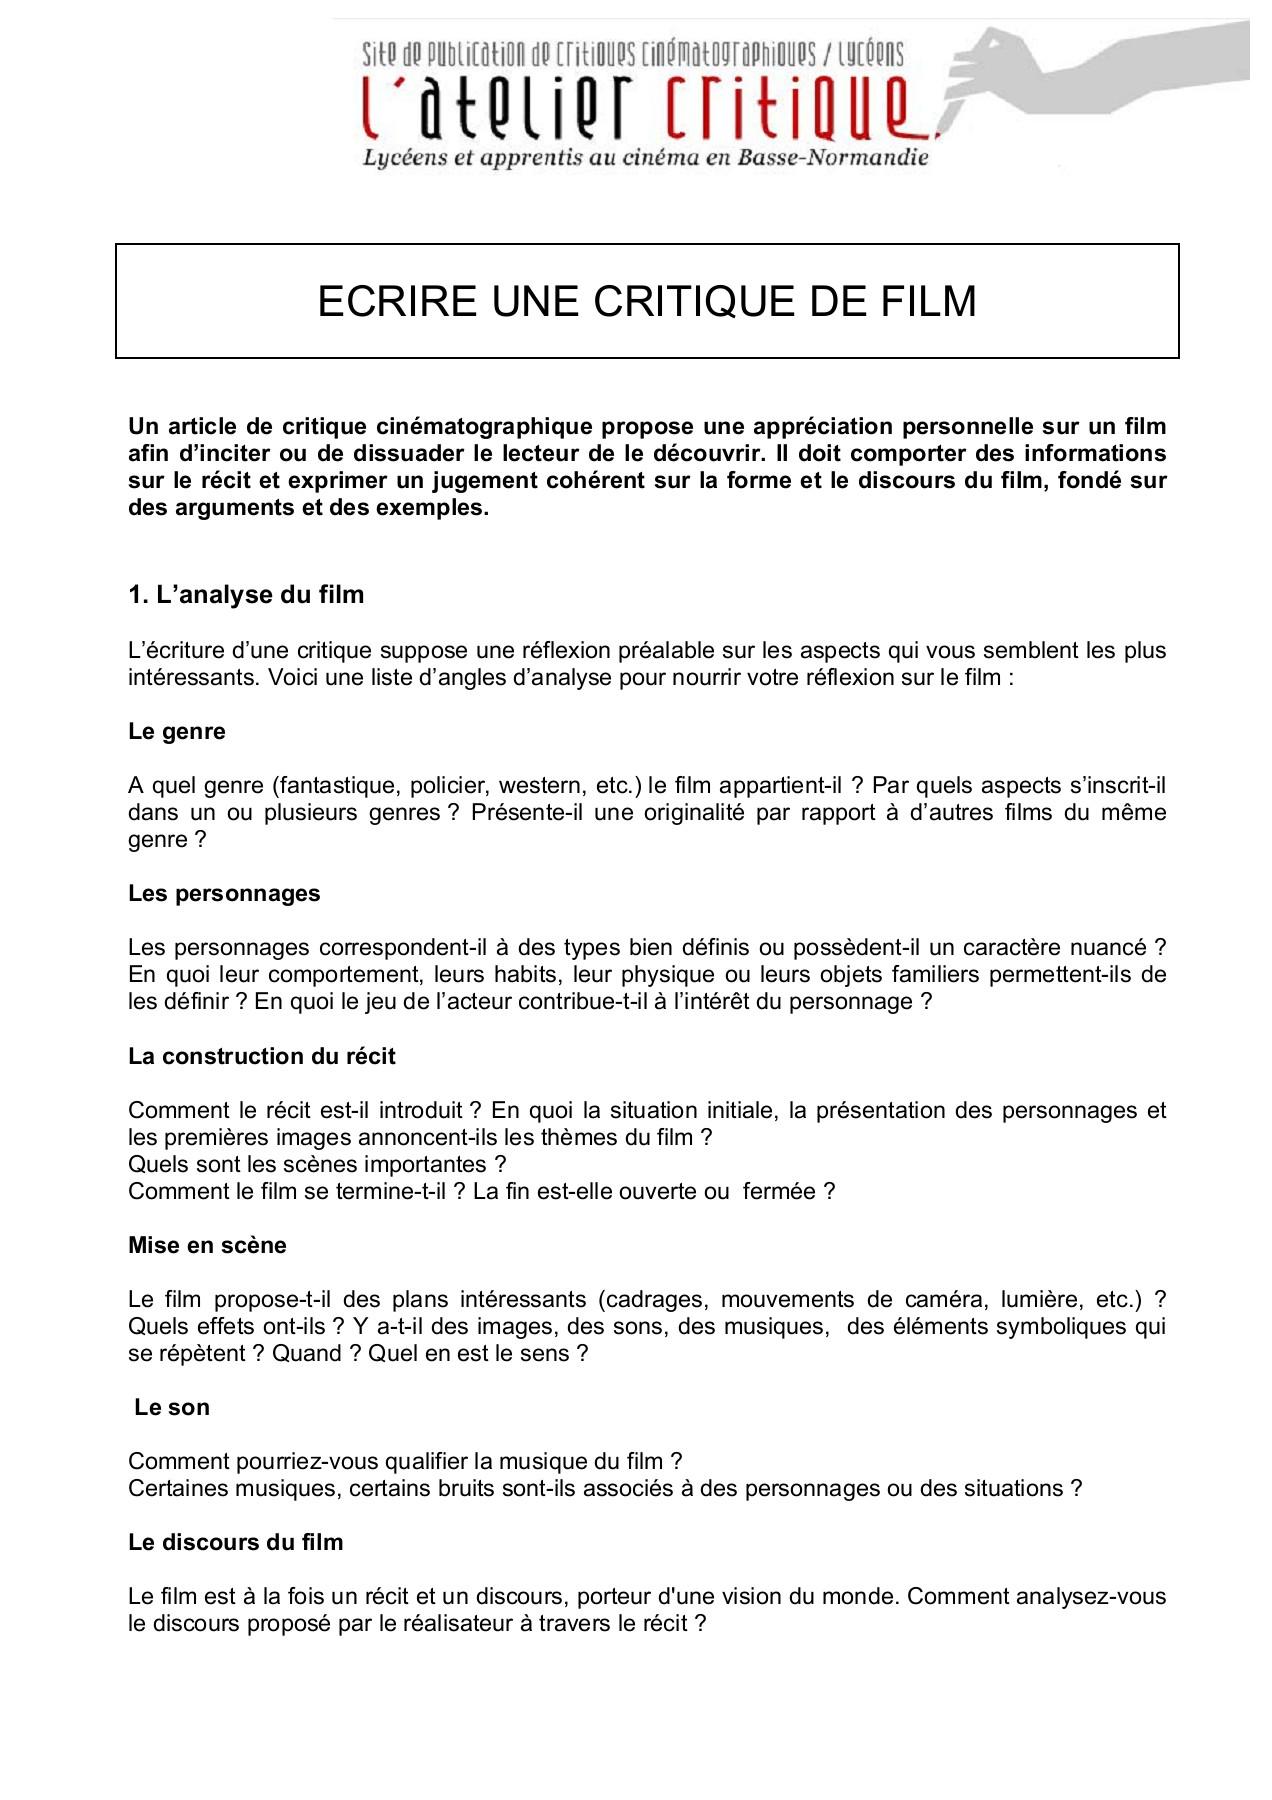 Faire Une Critique De Film : faire, critique, Ecrire_une_critique_de_film, Pages, Download, FlipHTML5